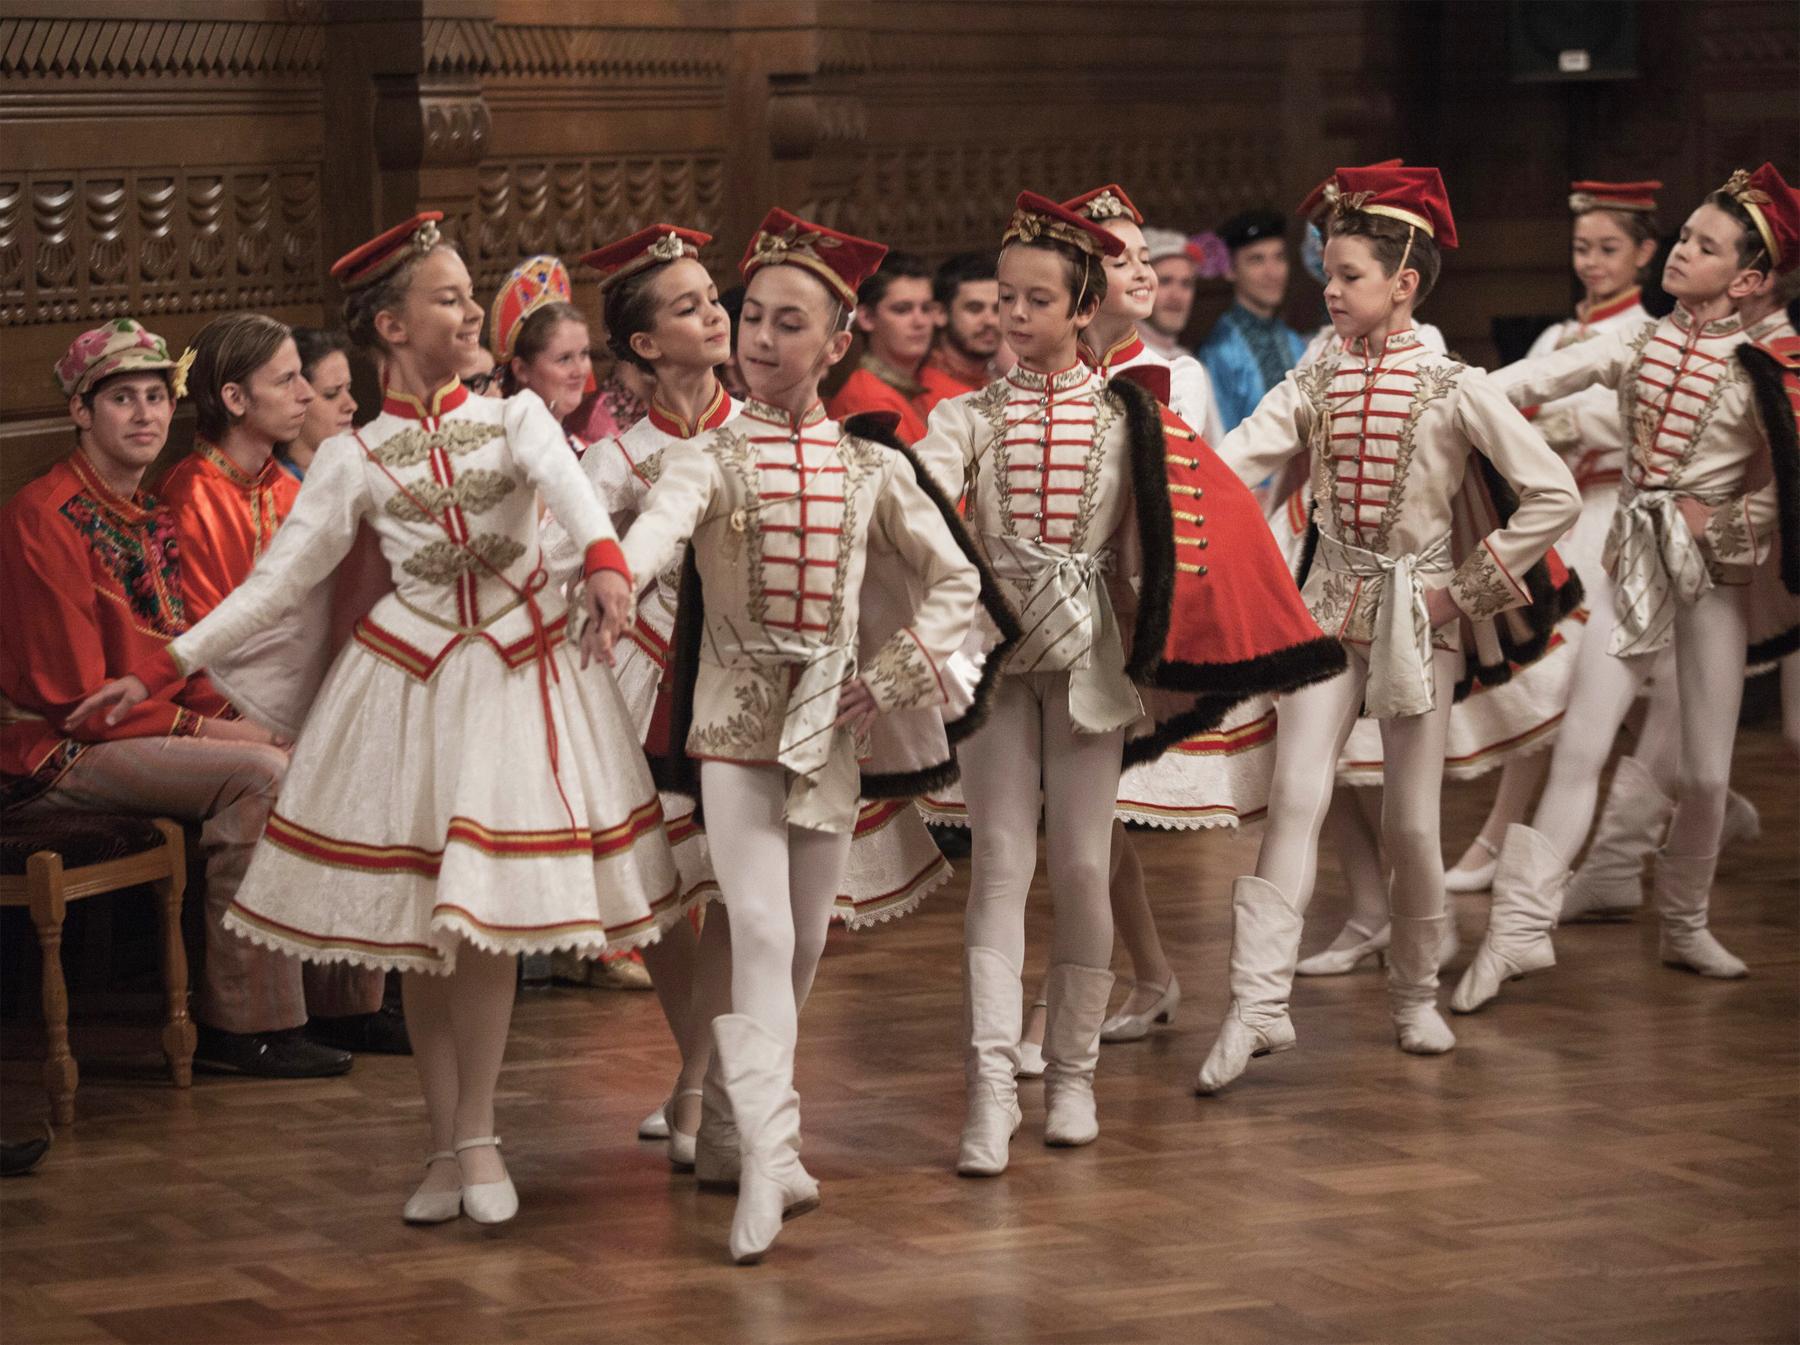 http://vaganovaacademy.ru/vaganova/news/photo/2017.09.22_Dom_uchenyh/dom-uchenyh-2.jpg